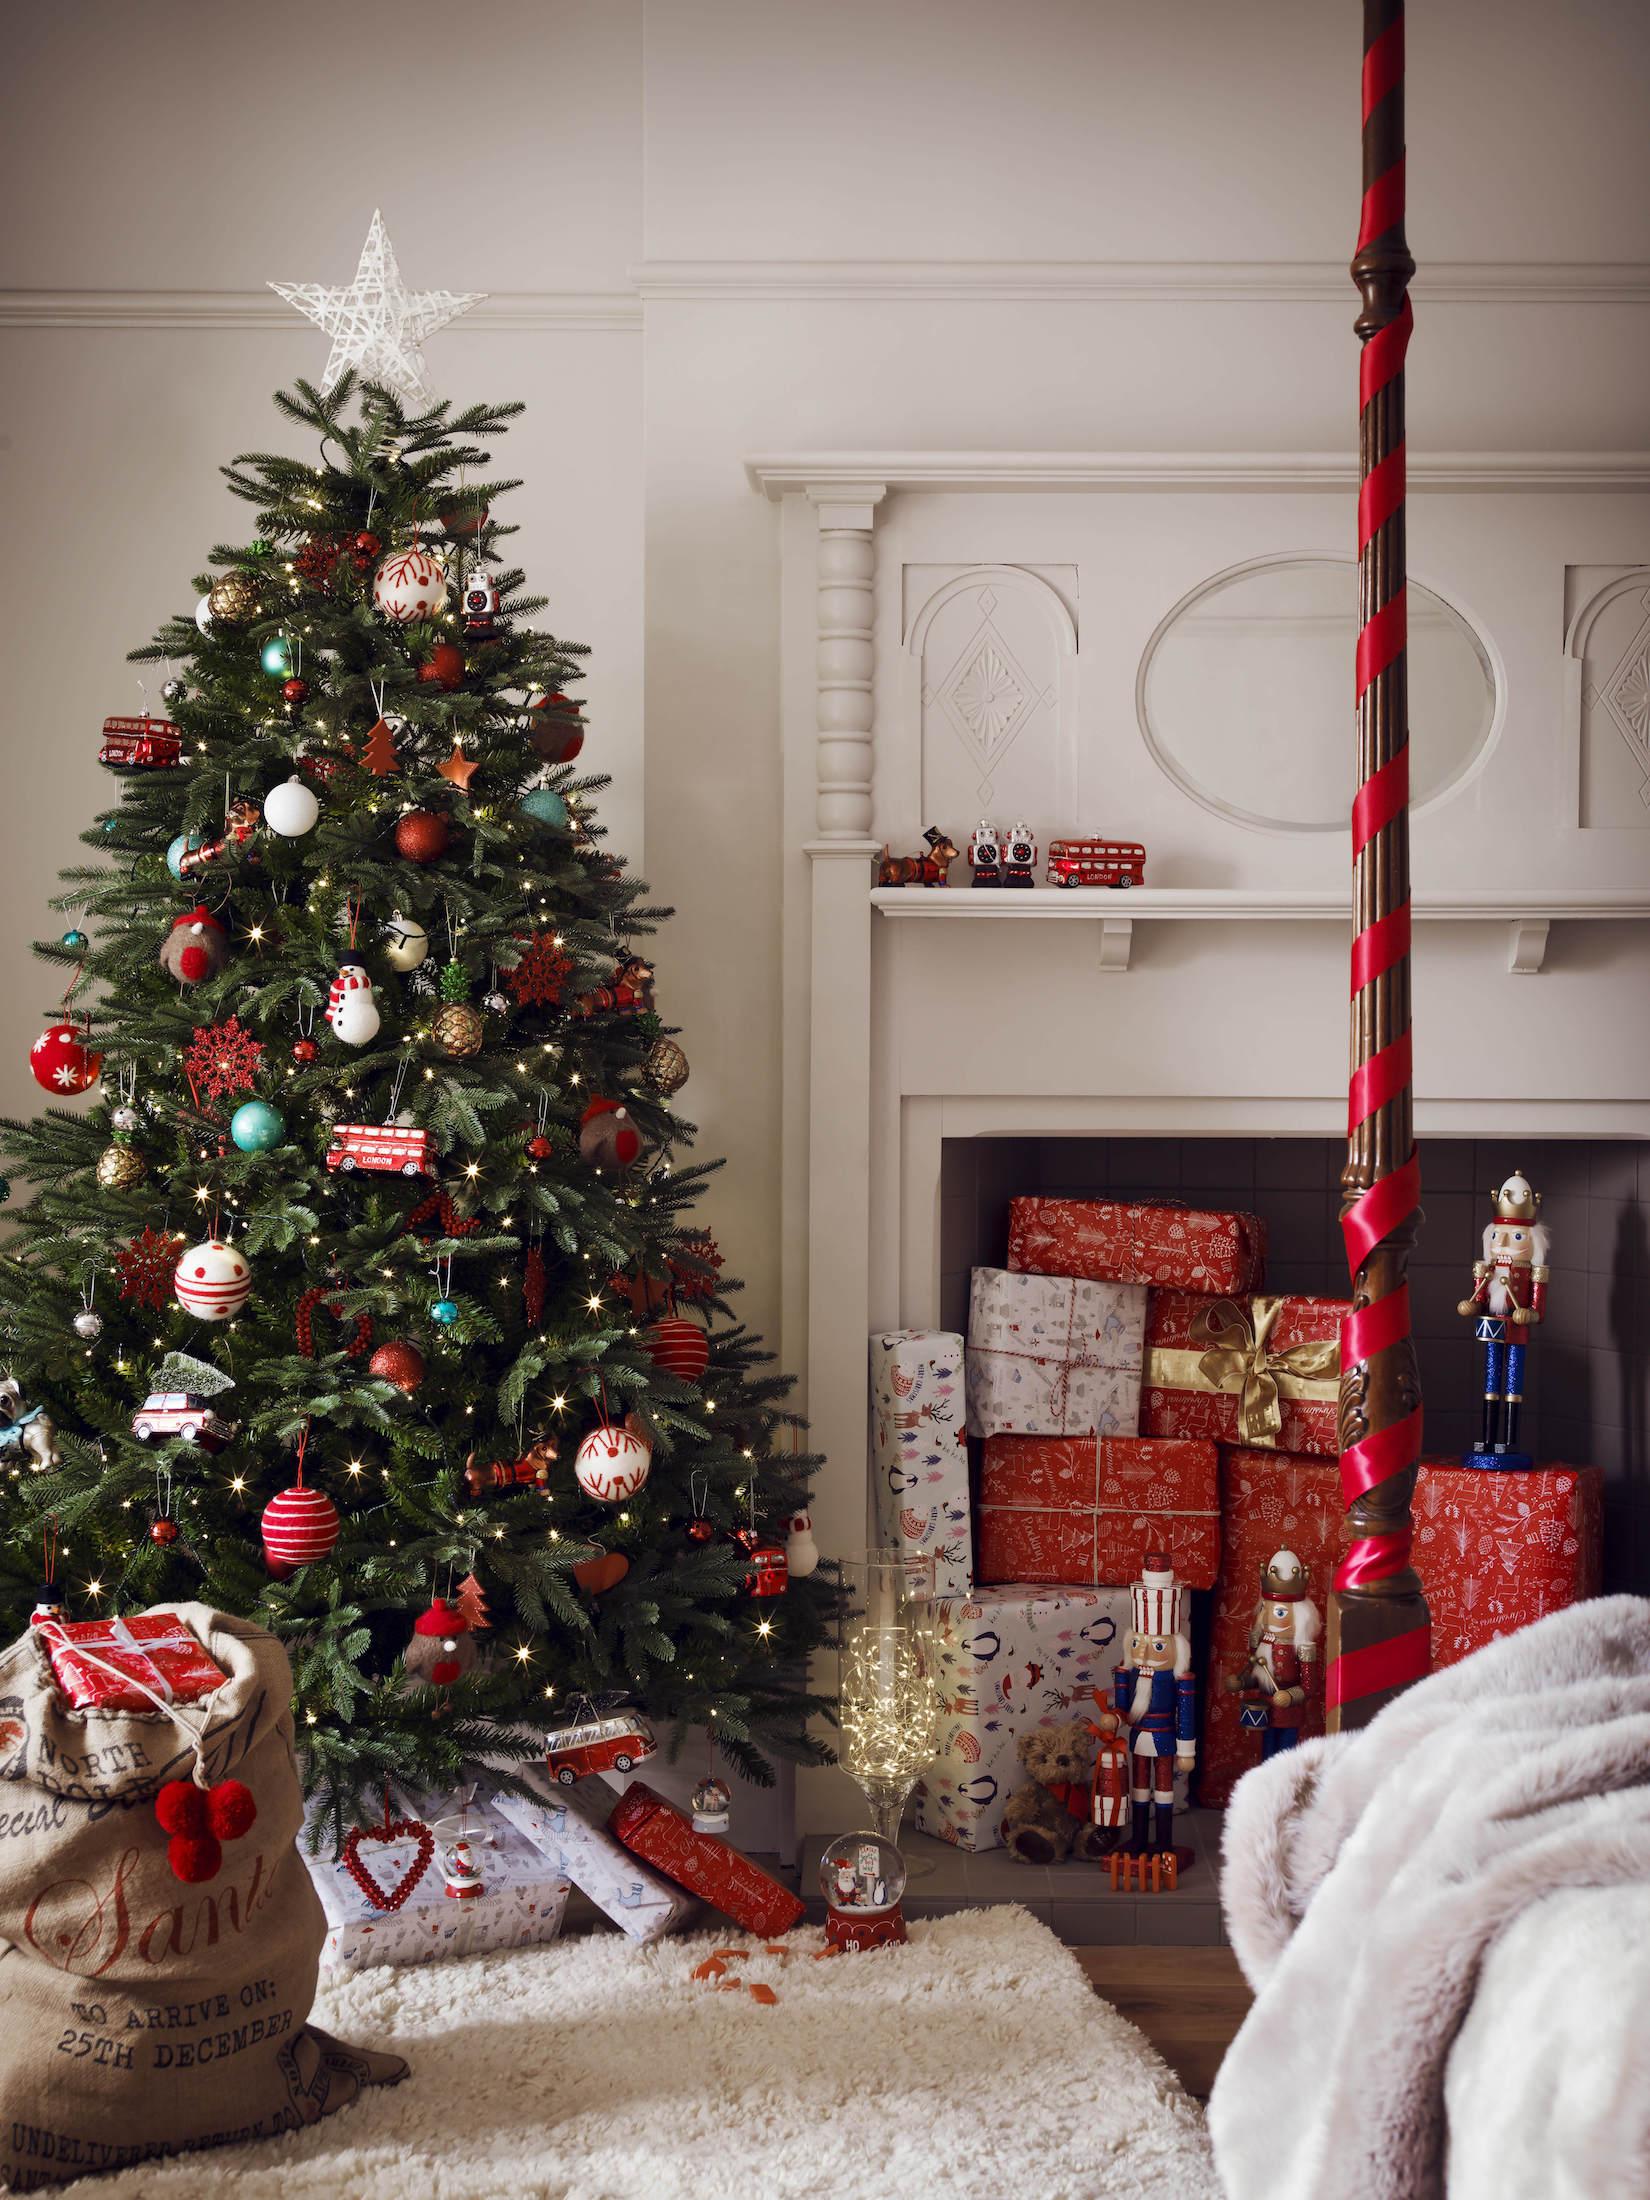 Klasický vánoční dekor v červených odstínech podle londýnského House of Fraser